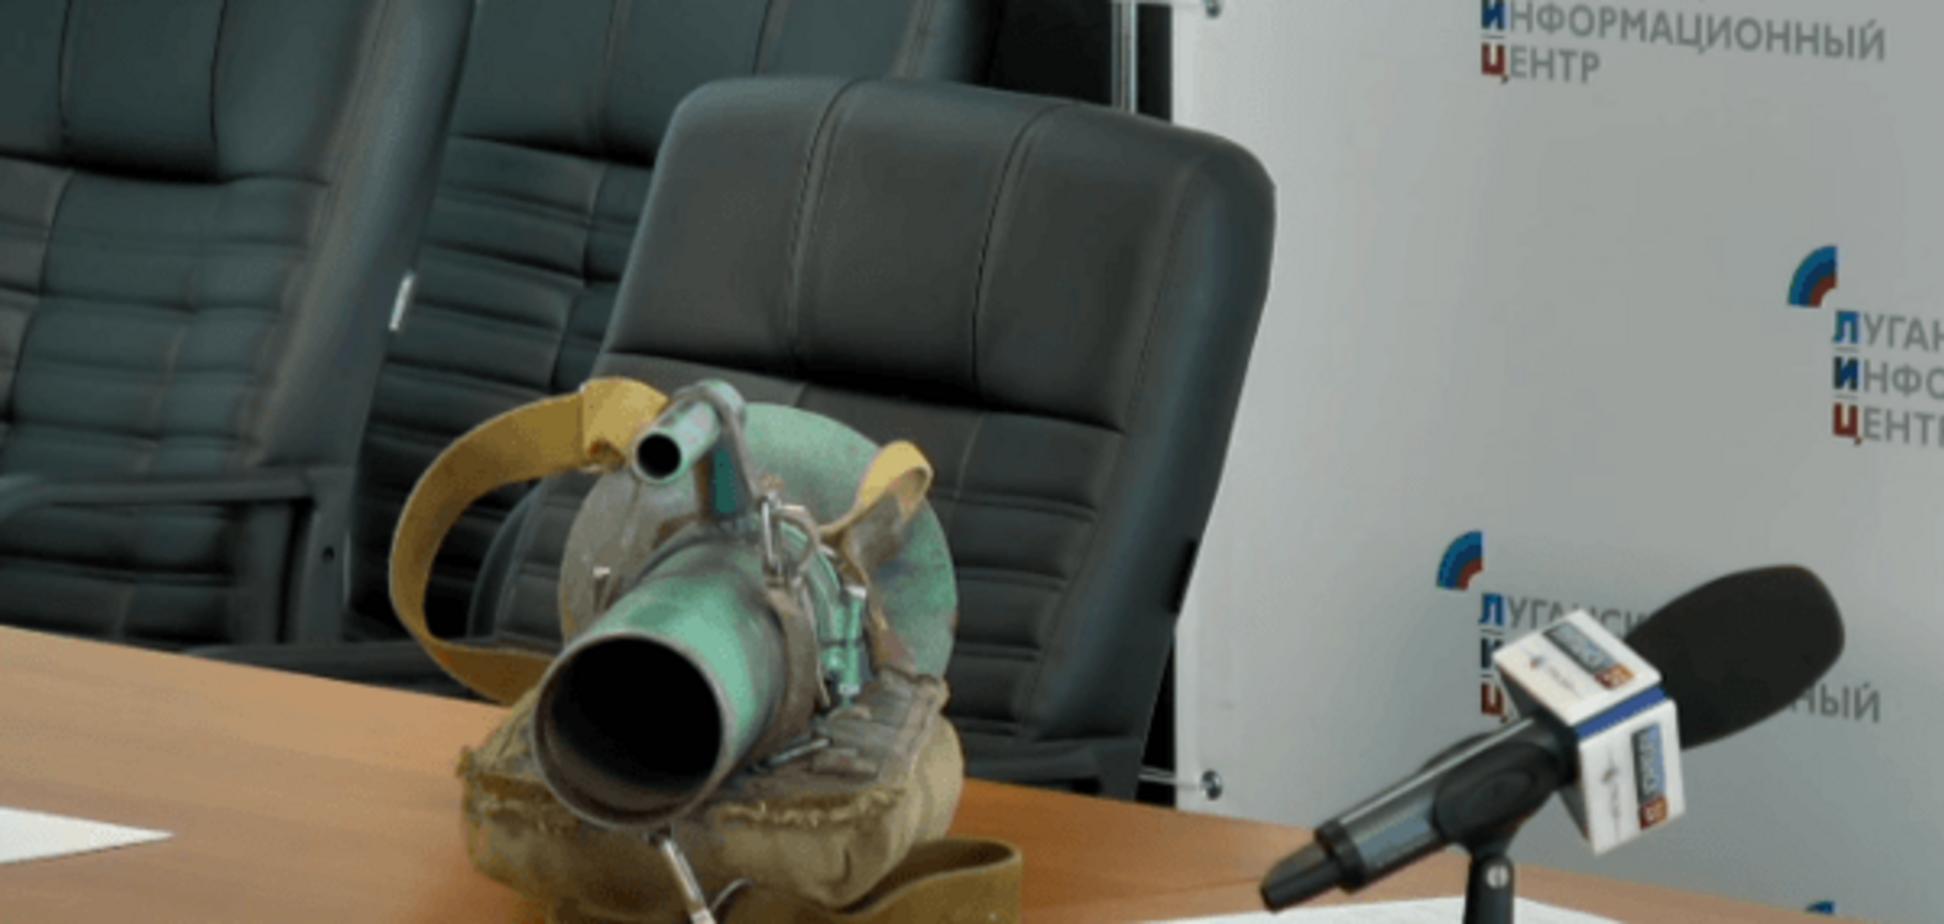 'ЛНР' постачає ЗСУ зброєю: волонтери спростували 'вкидання' російських окупантів